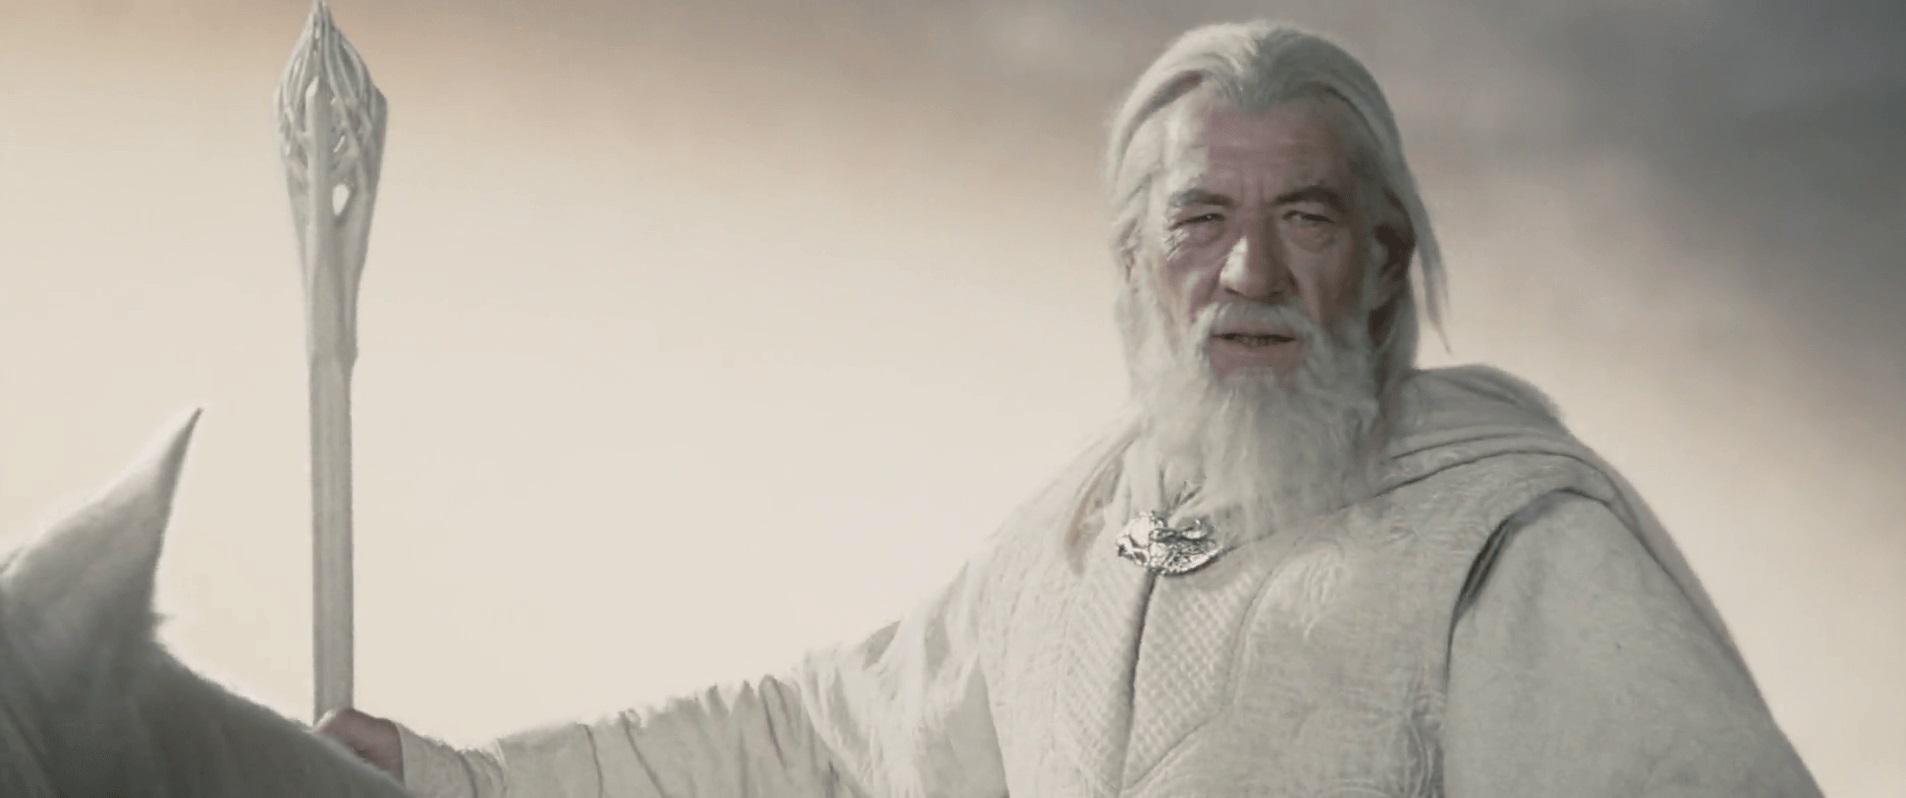 Biografía de Ian McKellen, actor de Gandalf en 'El señor de los ...